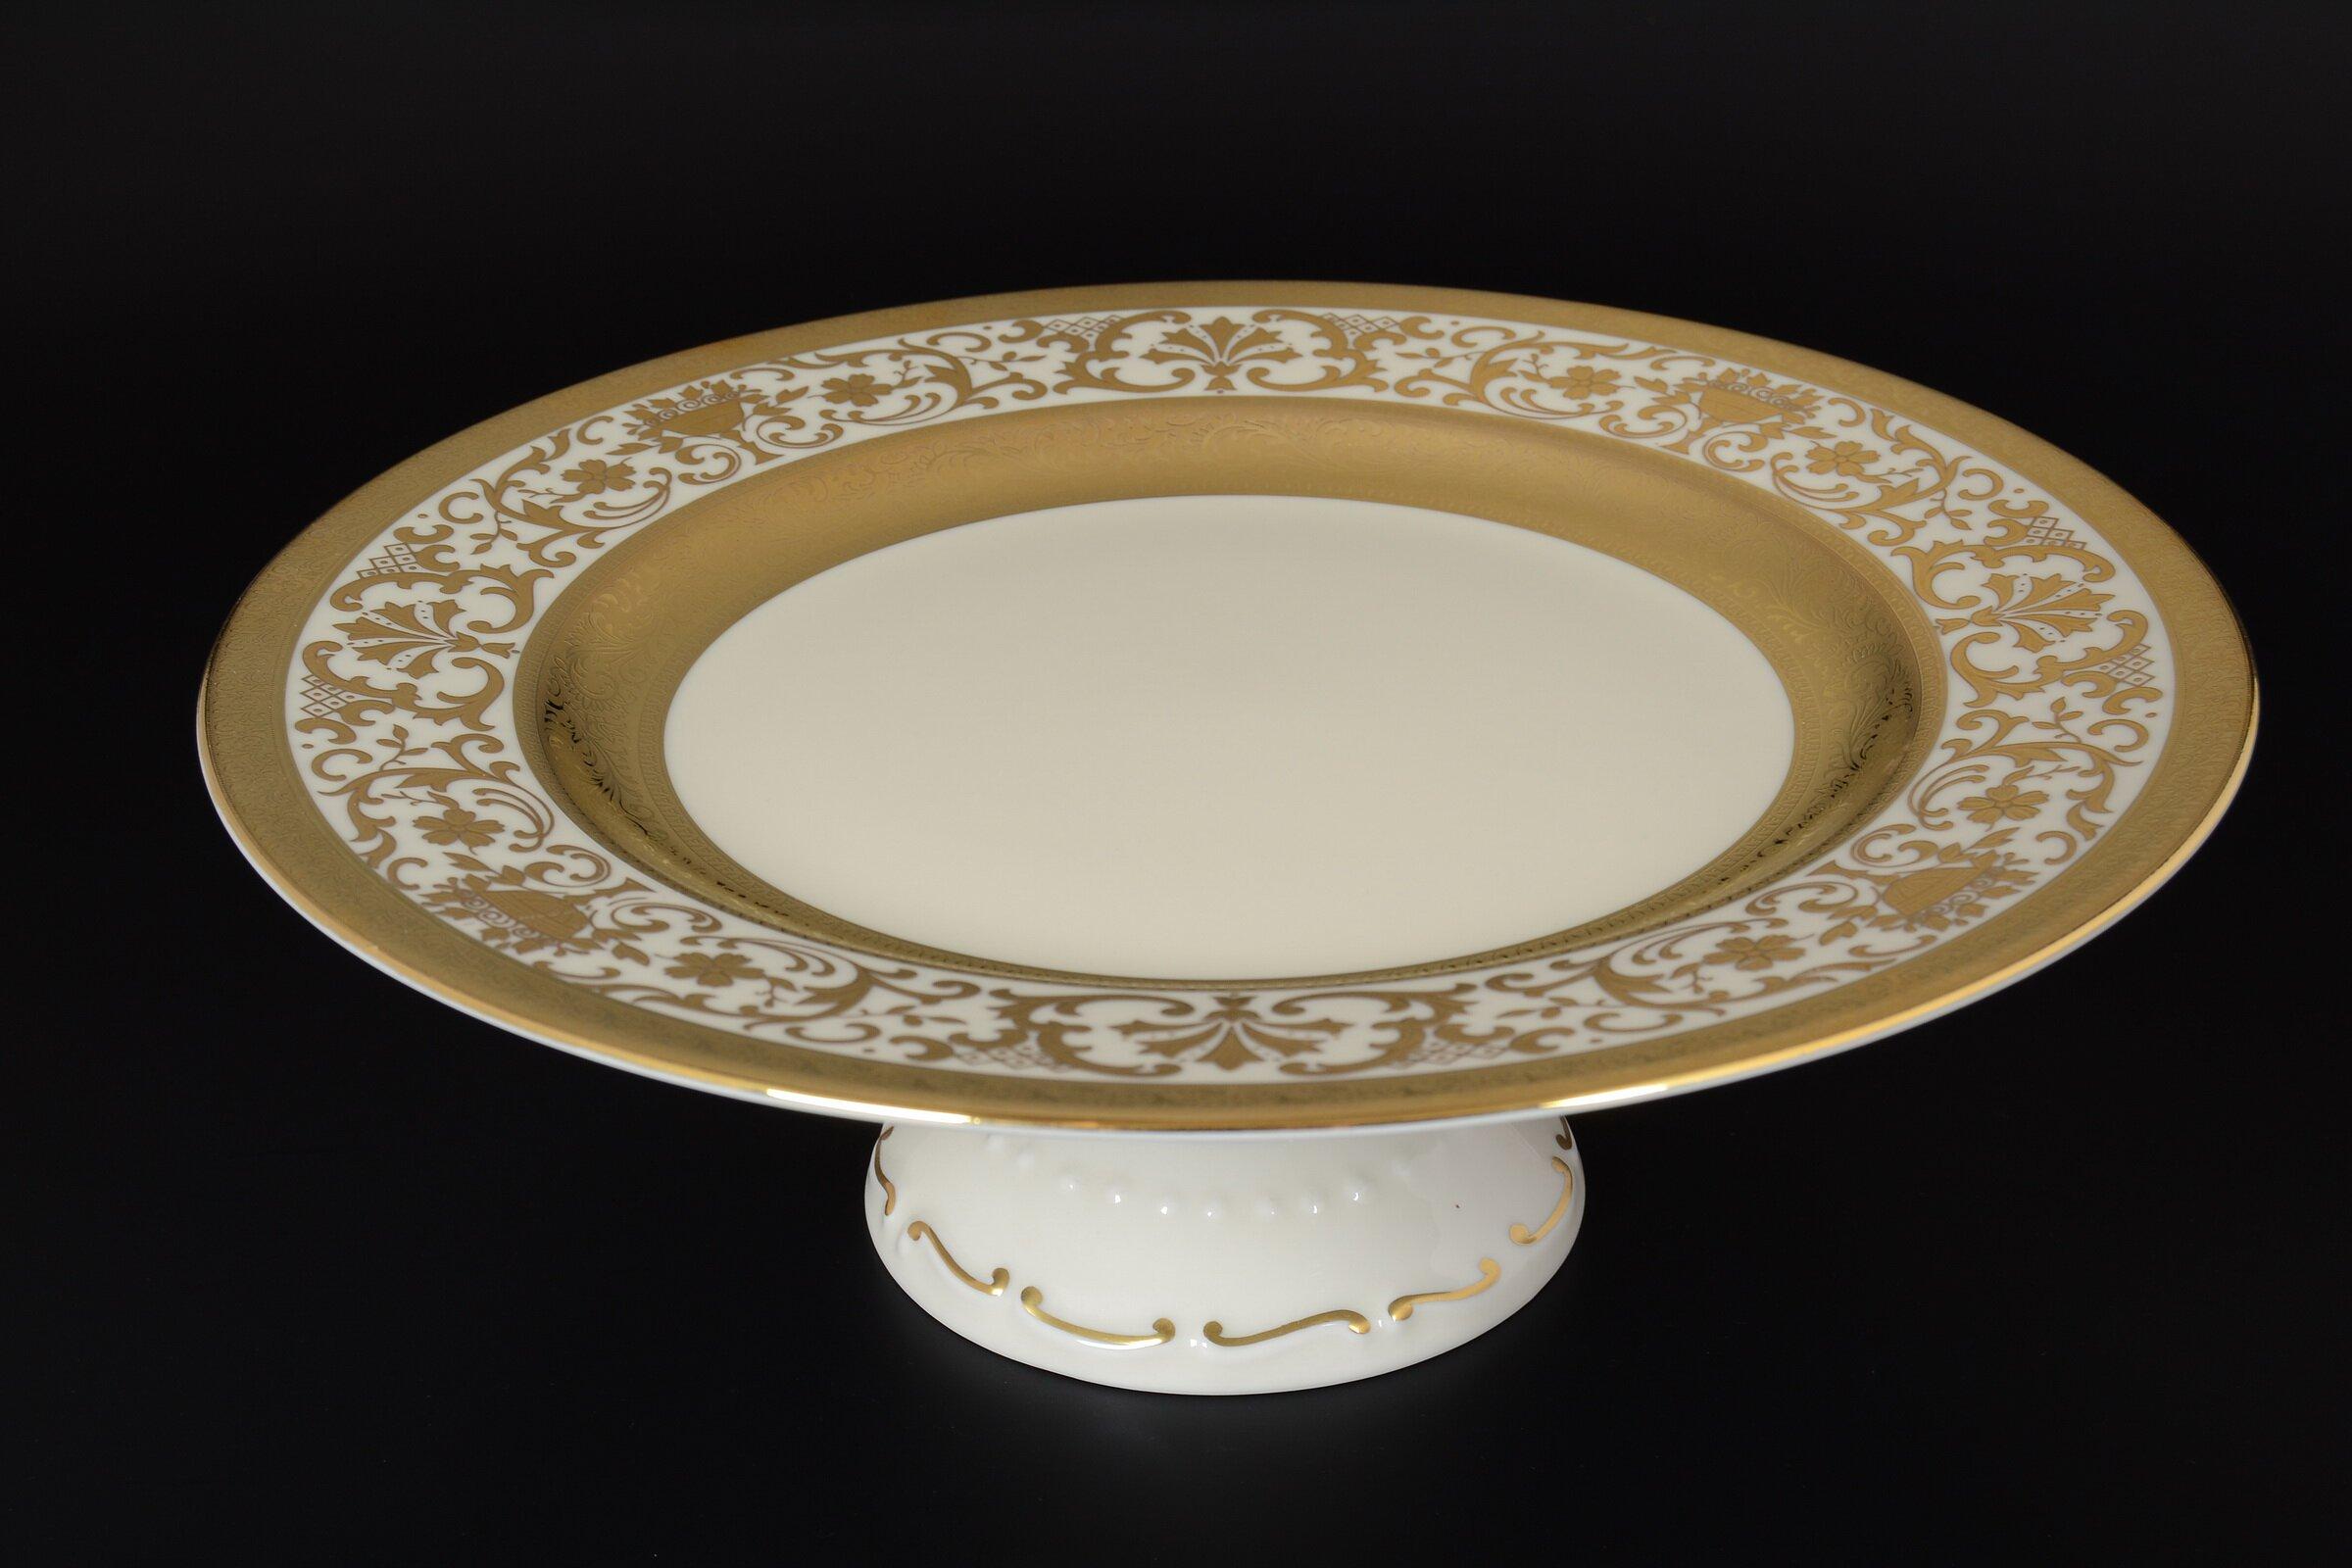 Тарелка для торта 32 см на ножке ROYAL GOLD CREAM от Falkenporzellan